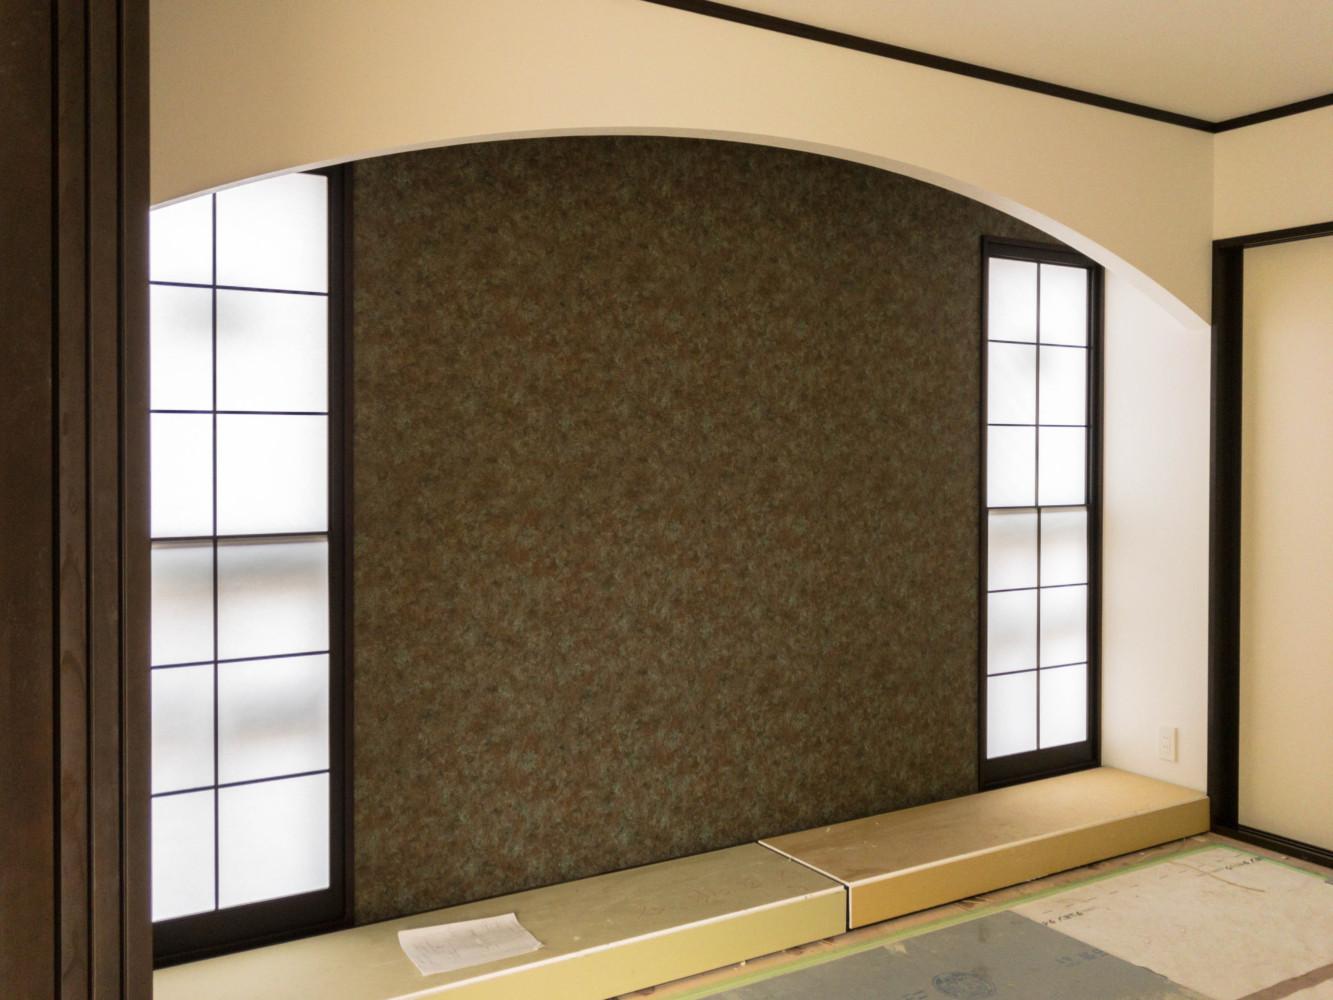 倉敷市/新築工事(戸襖・襖・障子新設)